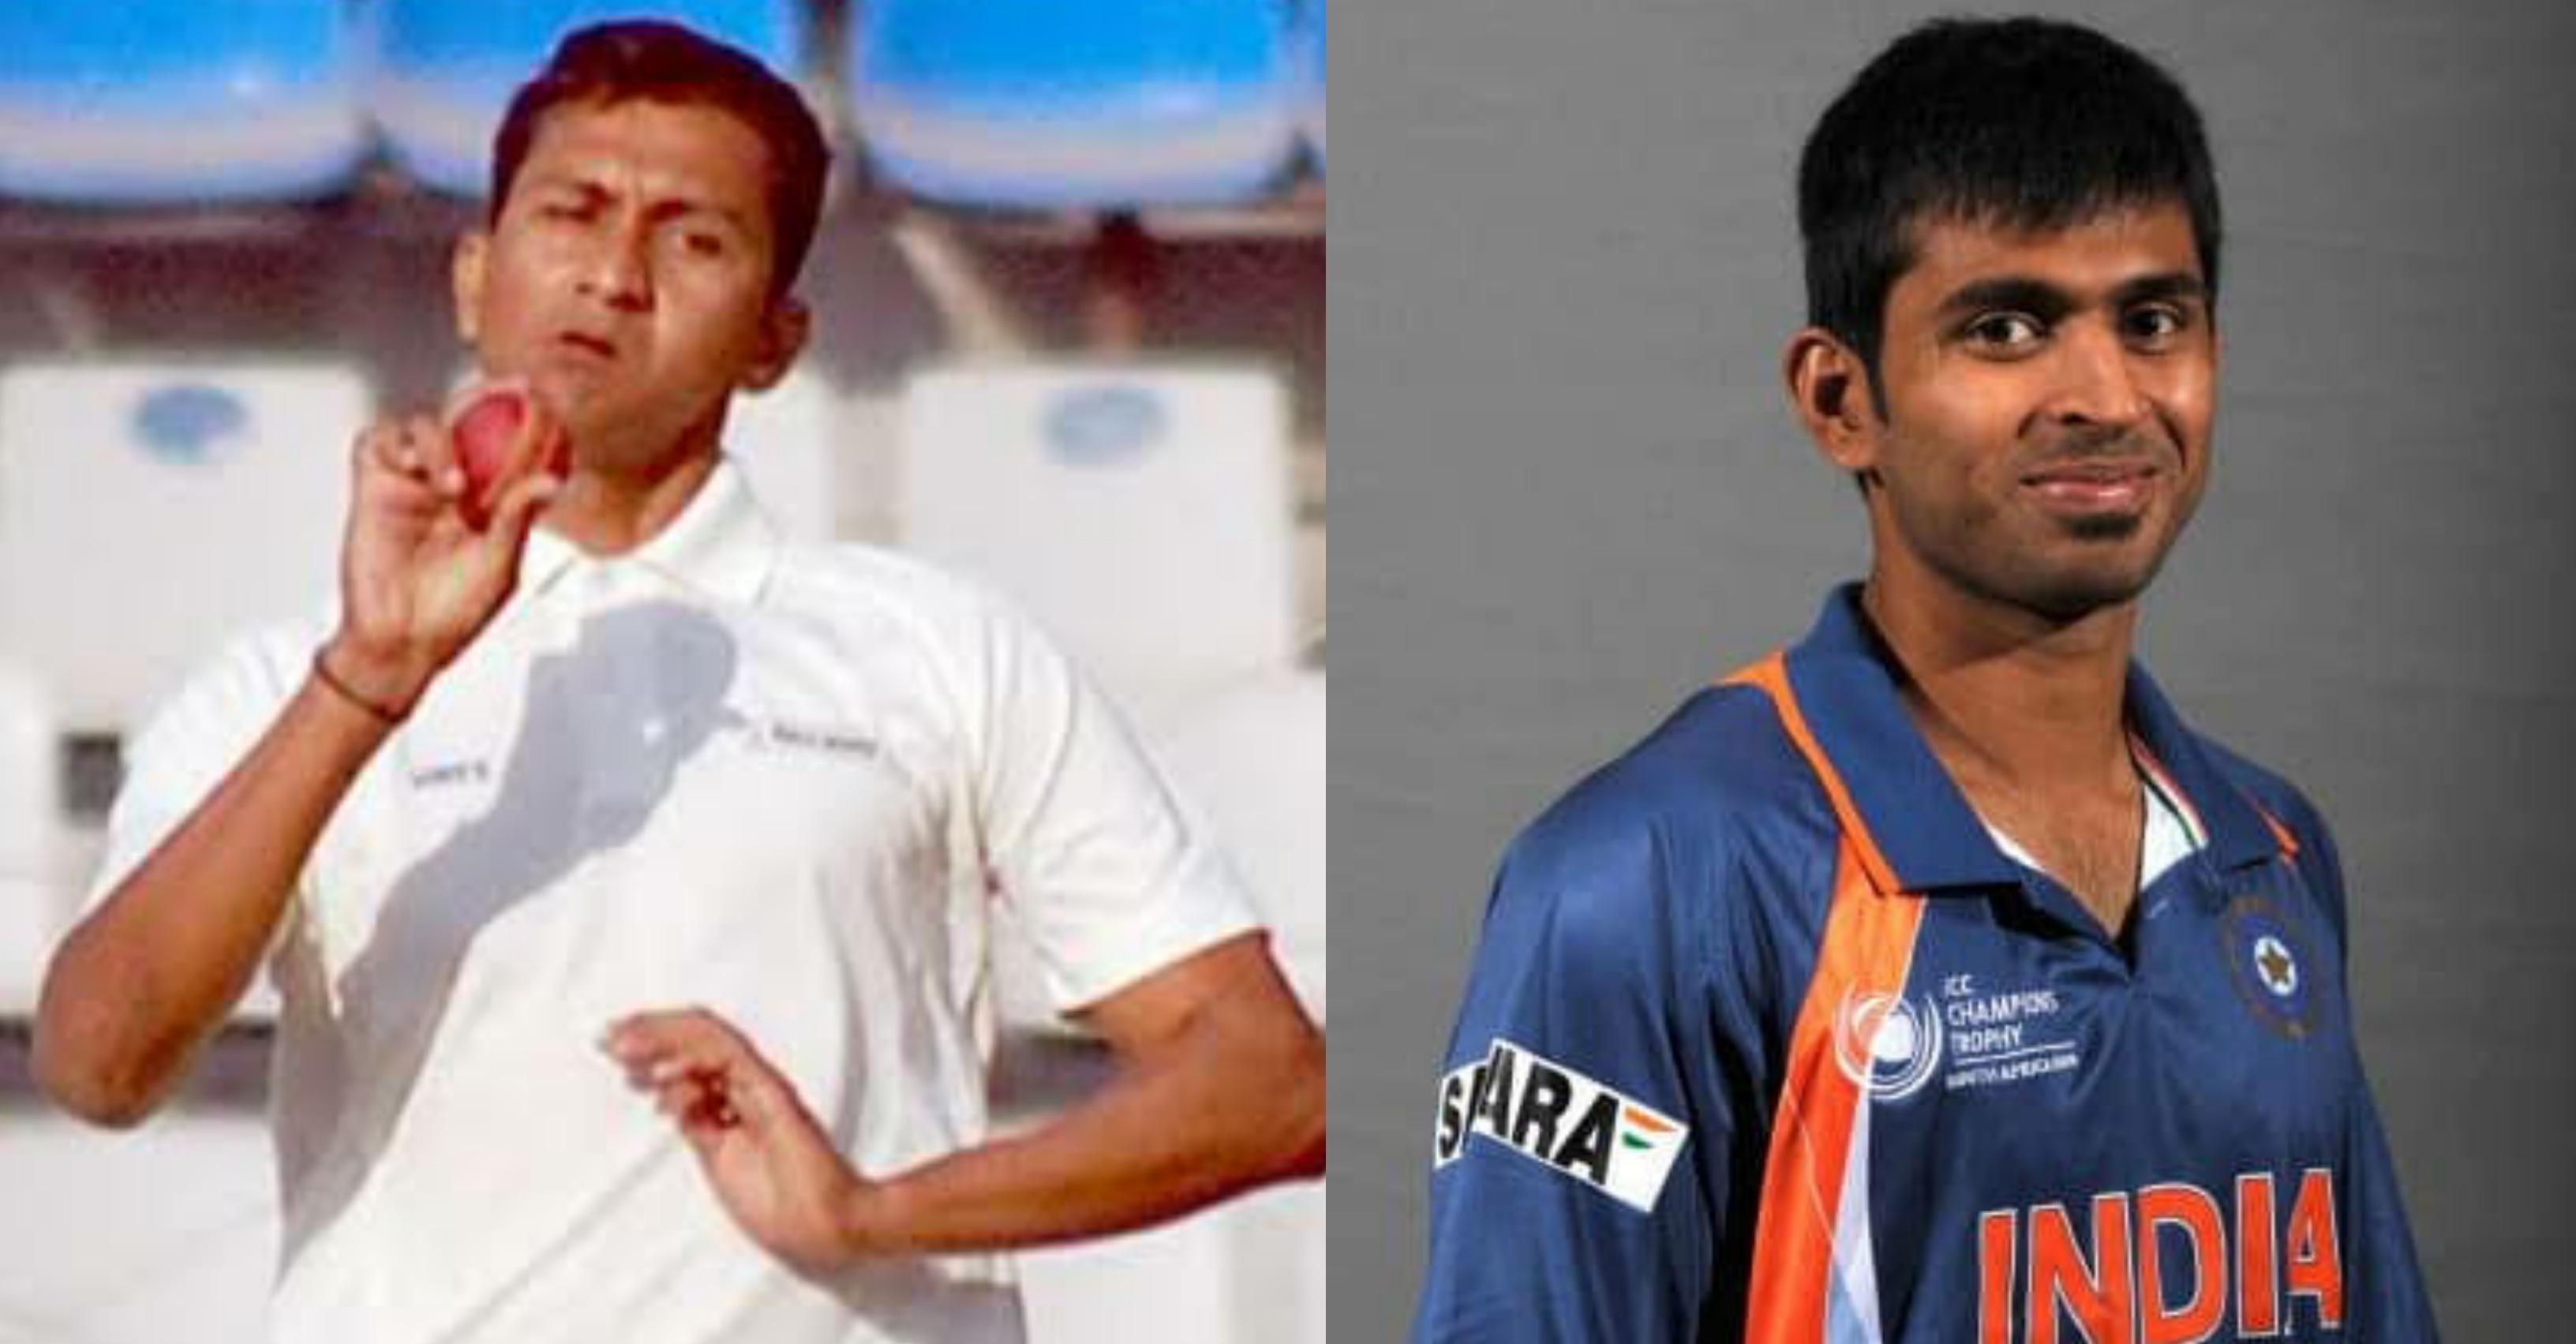 Sanjay Bangar and Abhishek Nayar